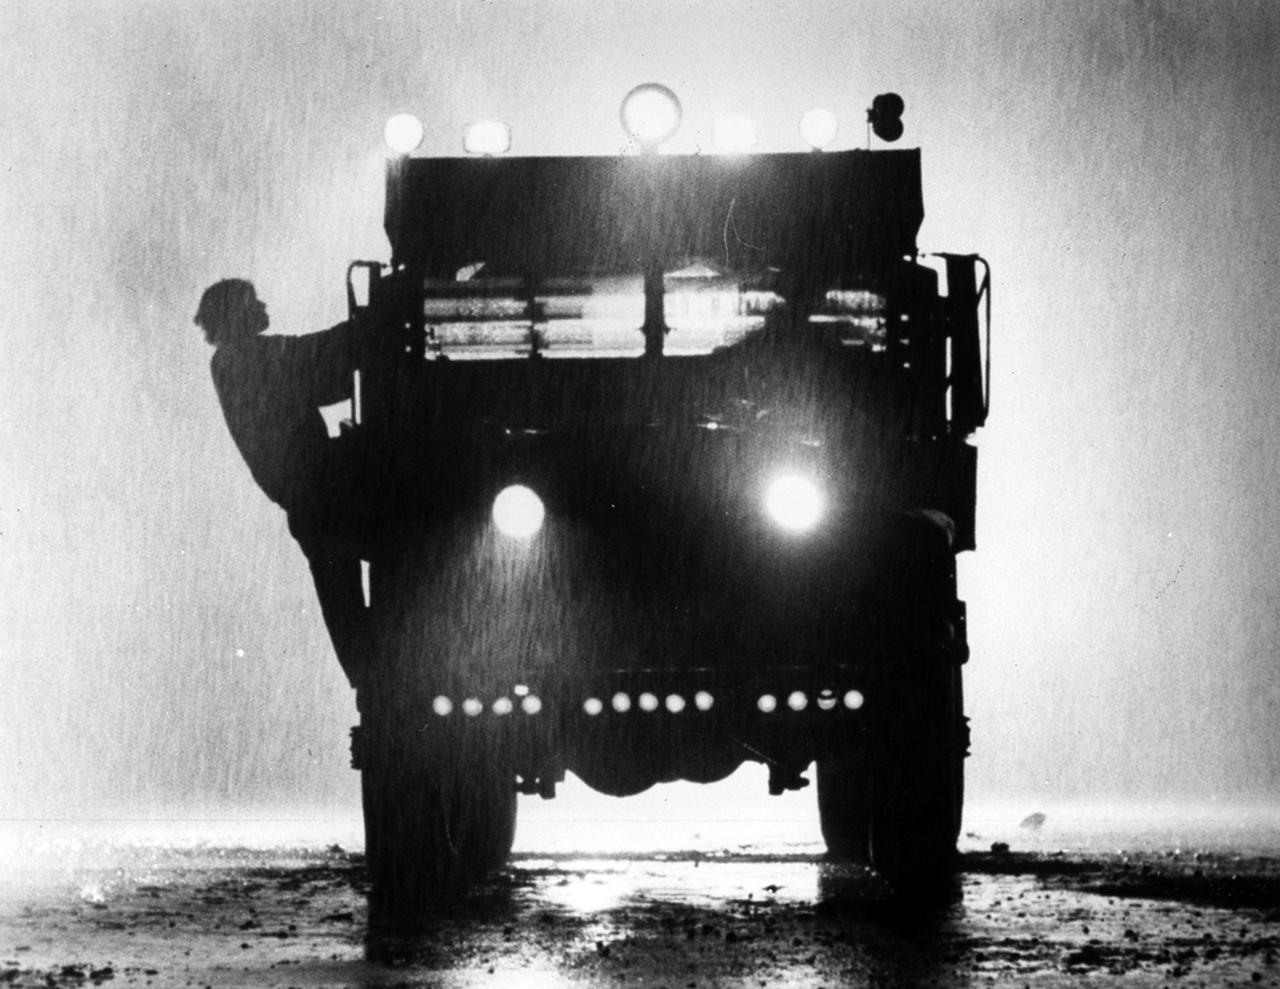 画像: 公開40年を経て、監督自ら監修したオリジナル完全版が11月に公開される「恐怖の報酬」